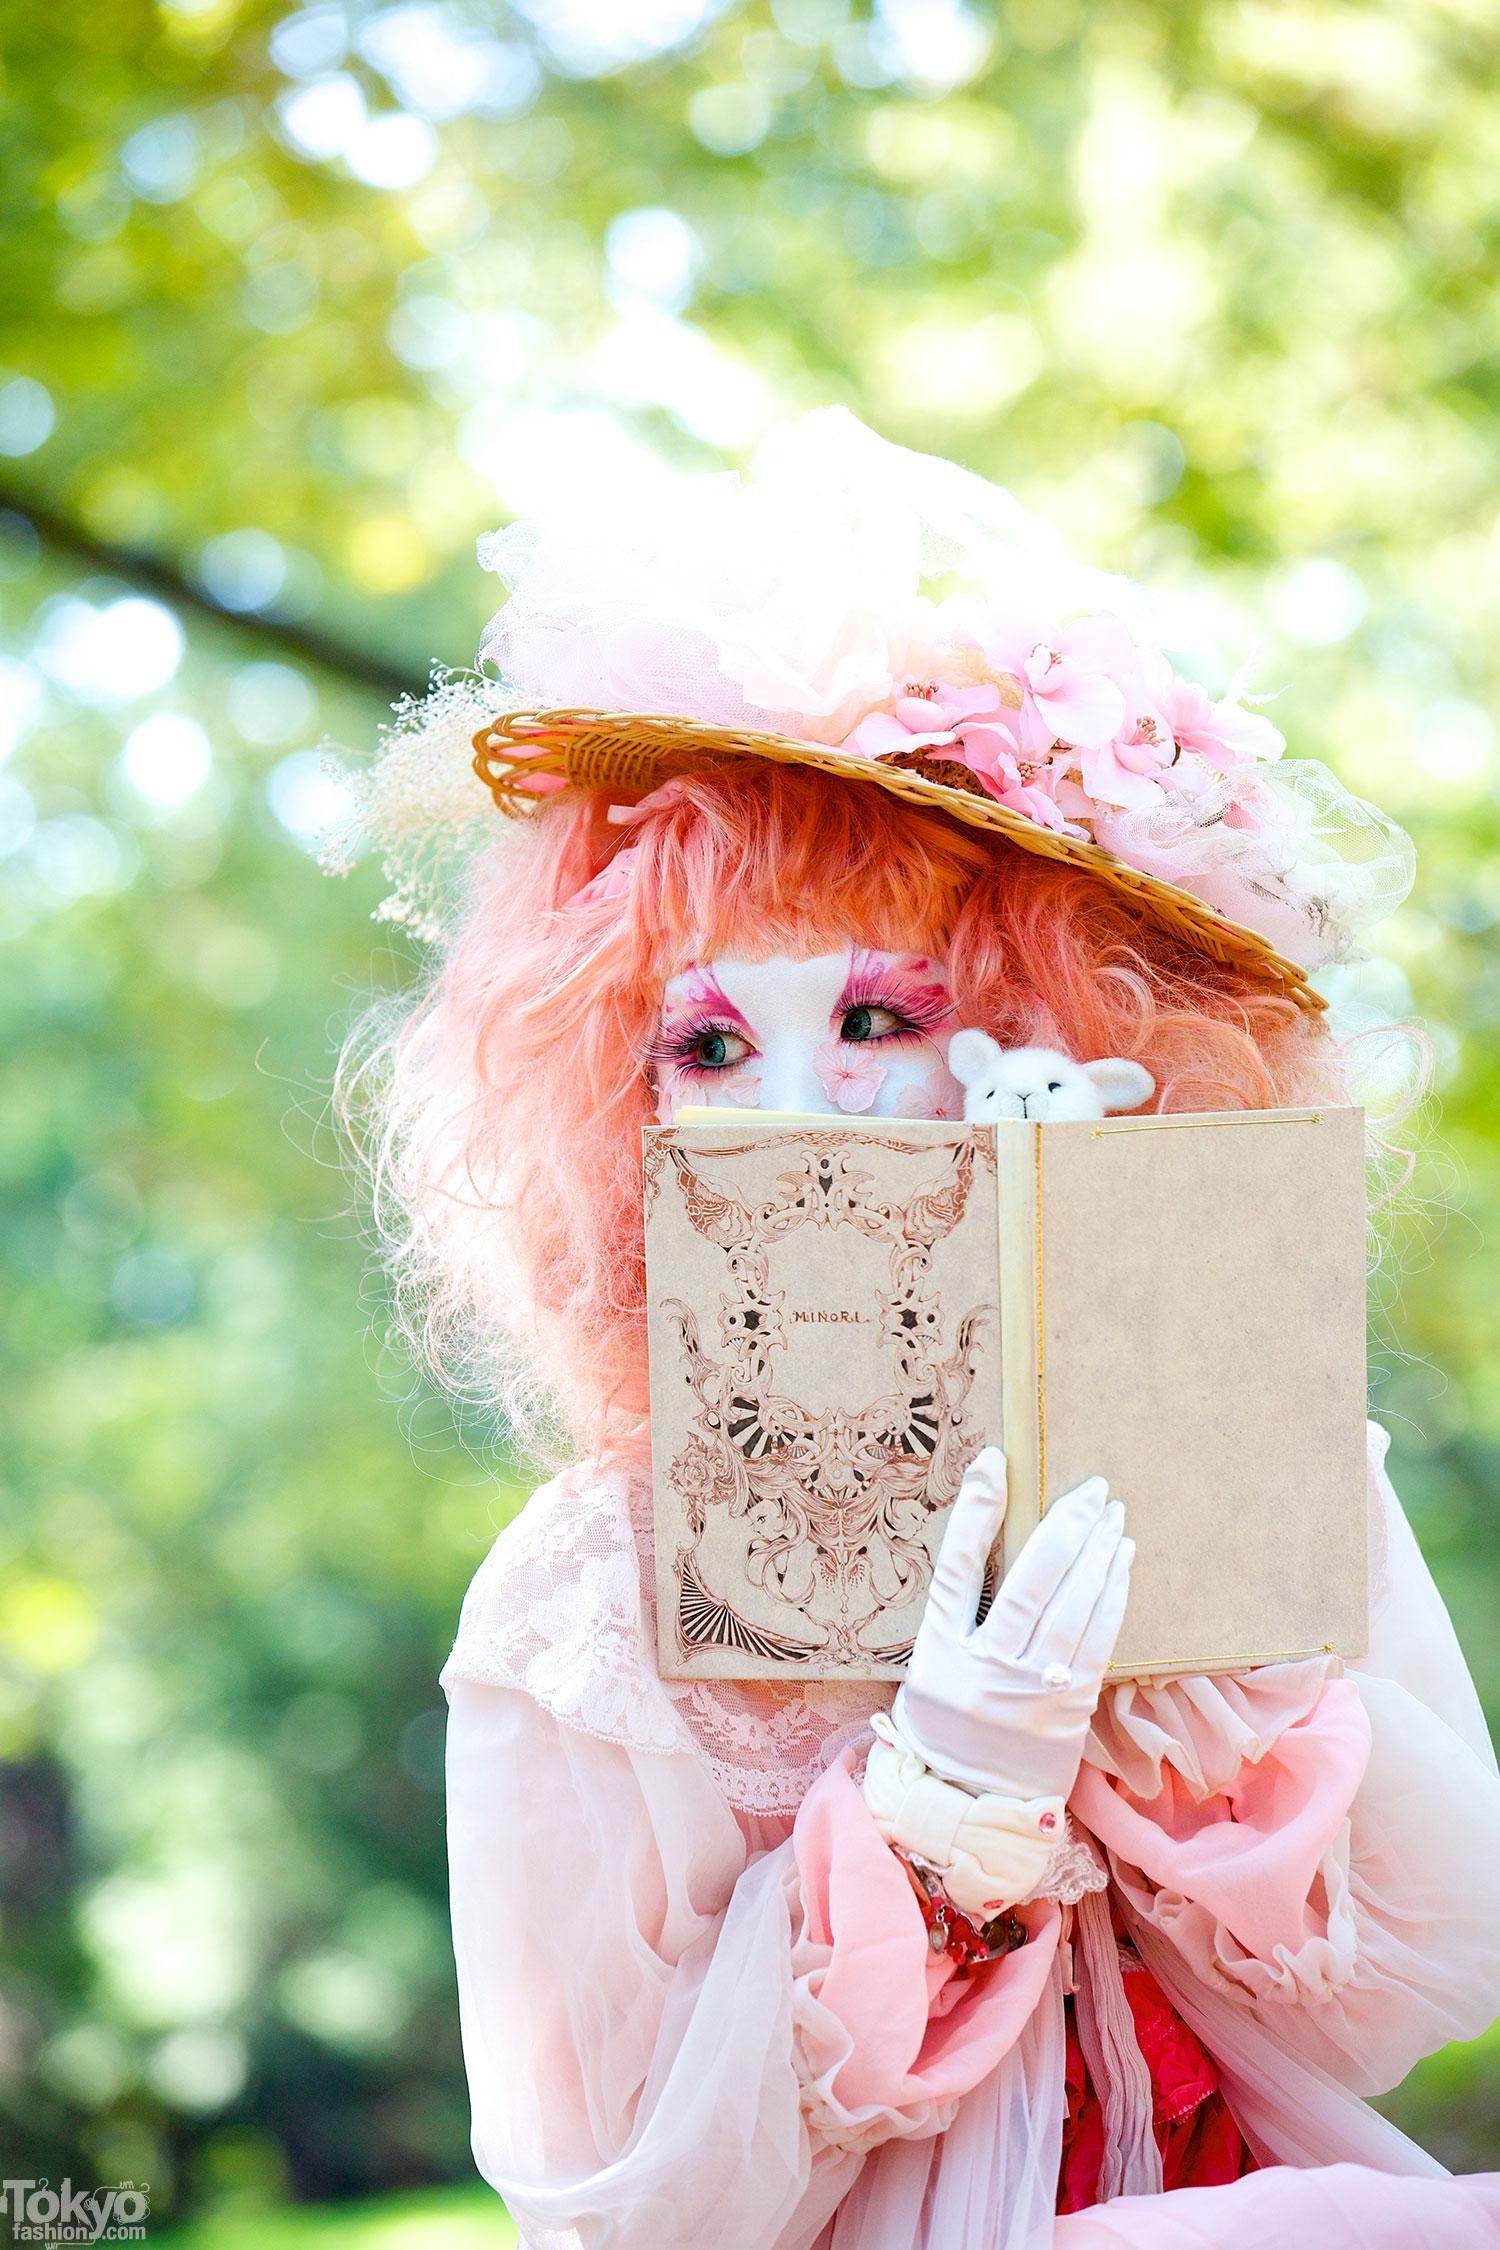 Her Memories of a Dream (Fashion, Producción) Minori-ShiroNuri-Pictures-2012-044